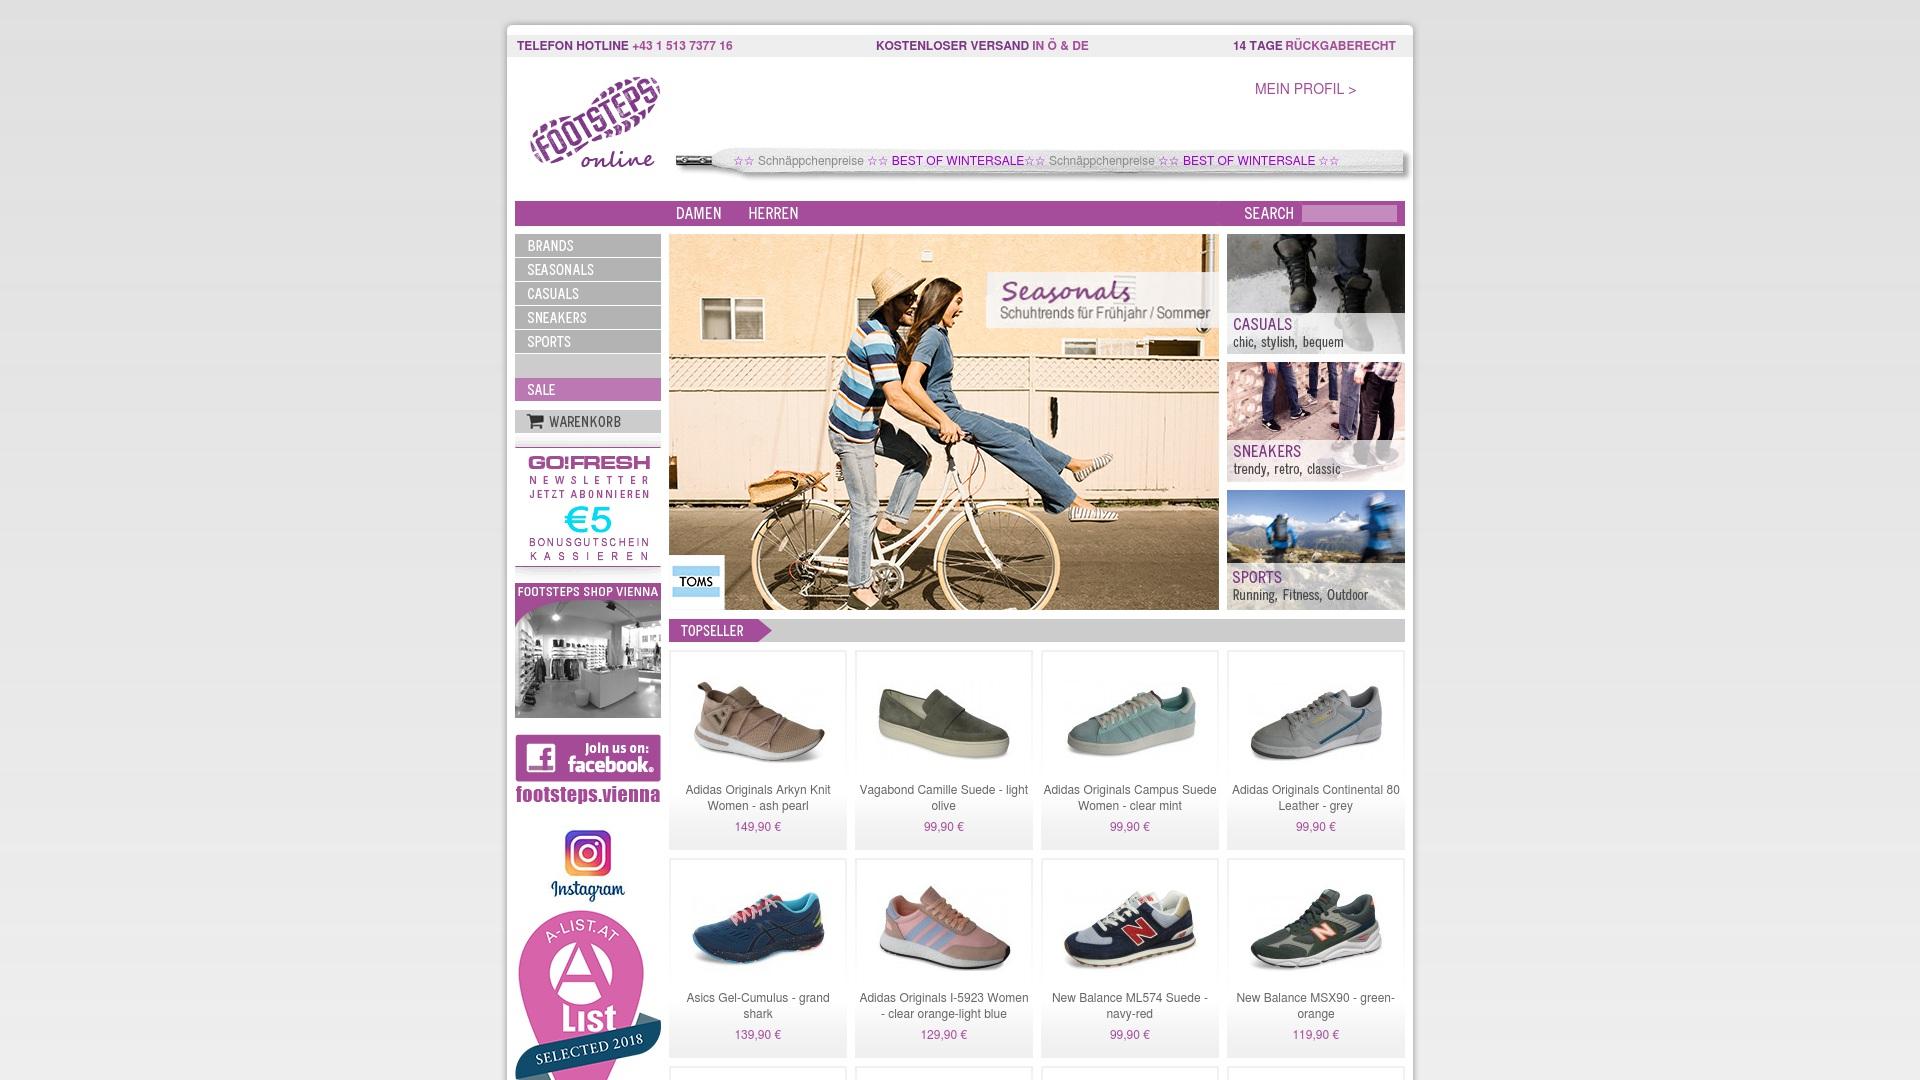 Gutschein für Footsteps: Rabatte für  Footsteps sichern